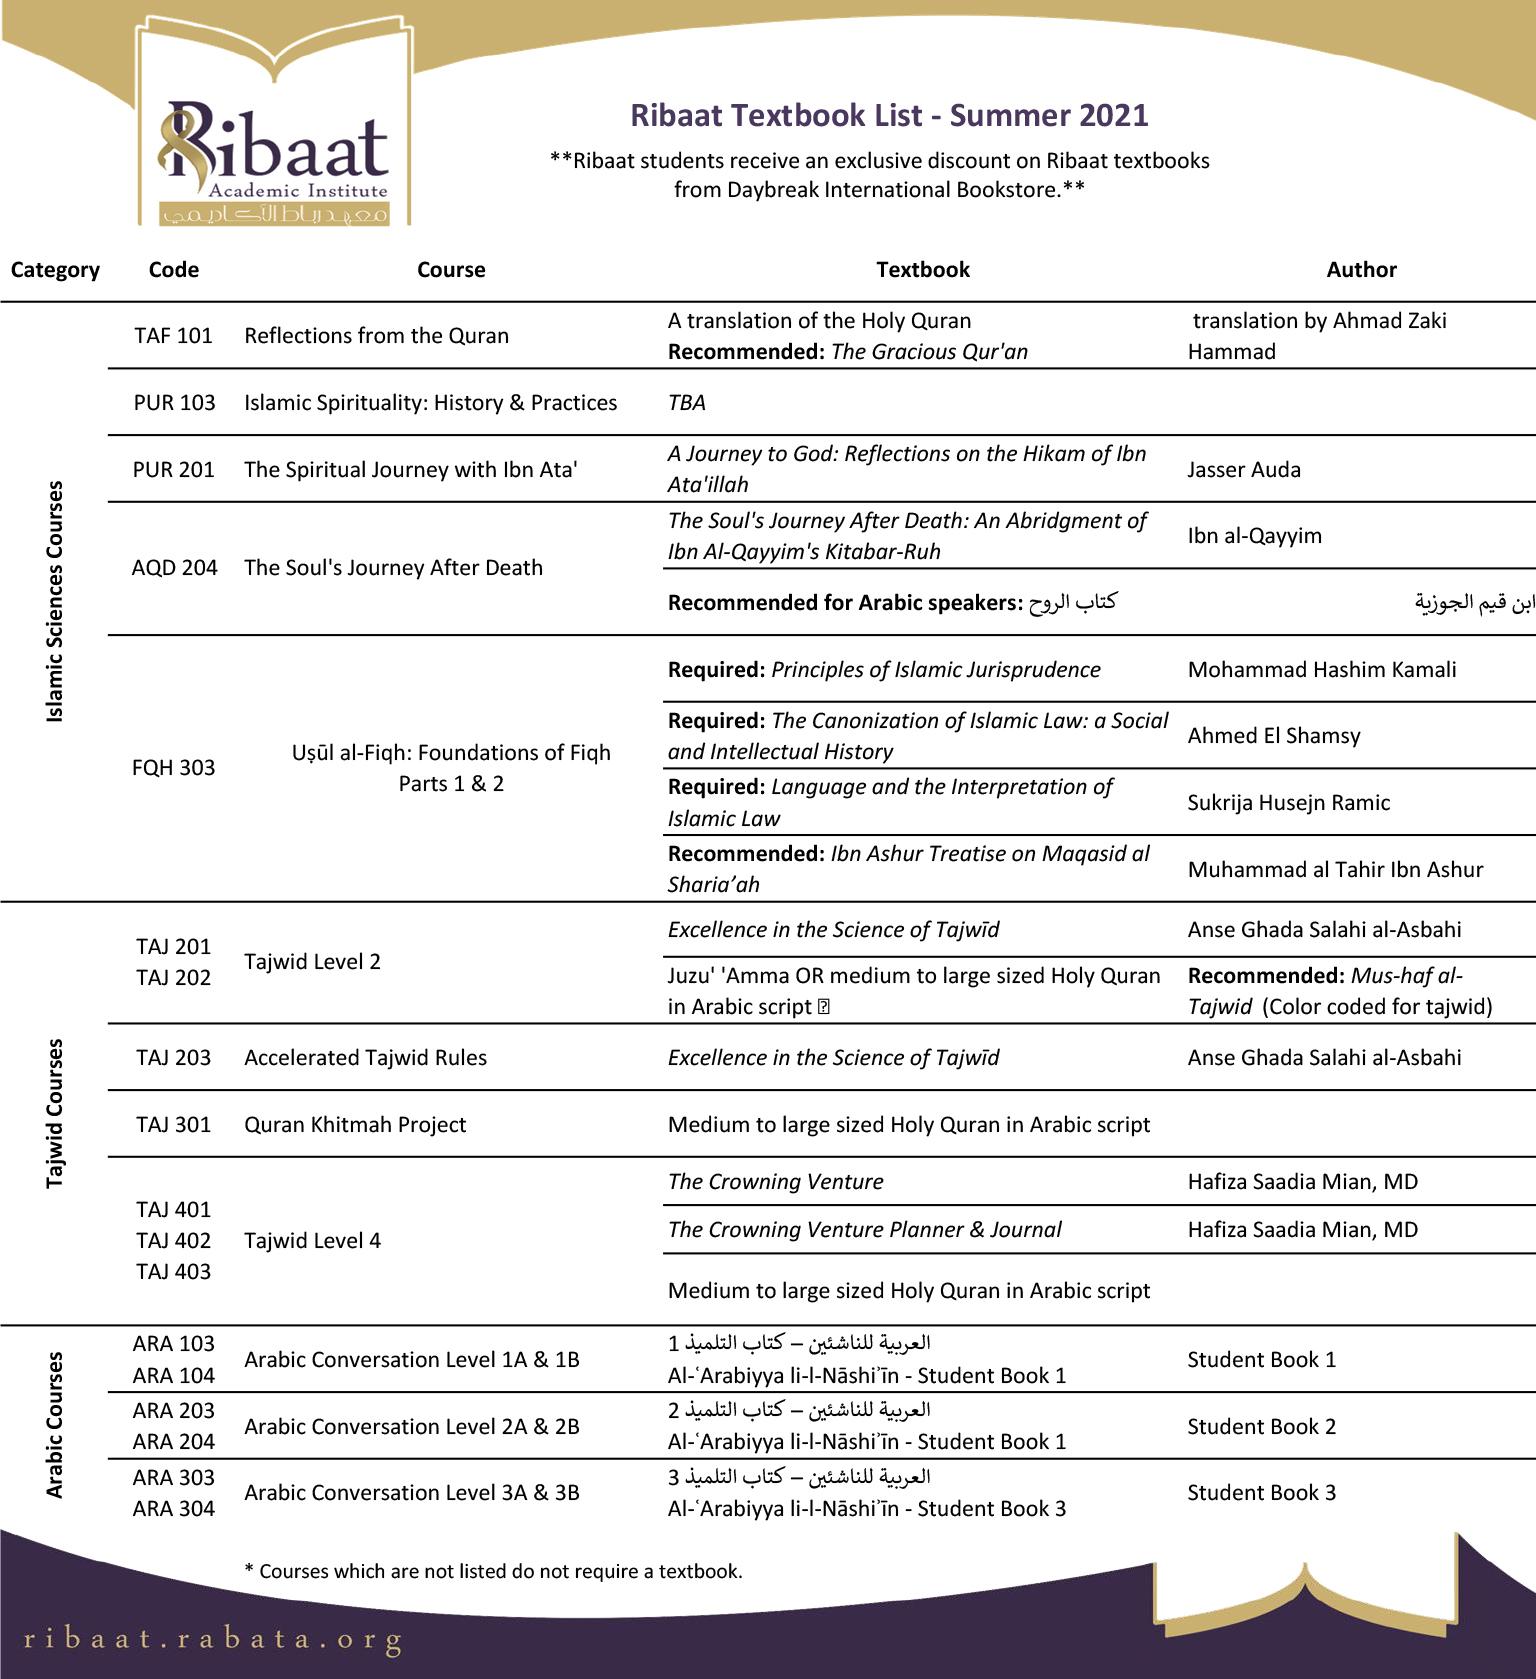 Ribaat textbook list summer 2021